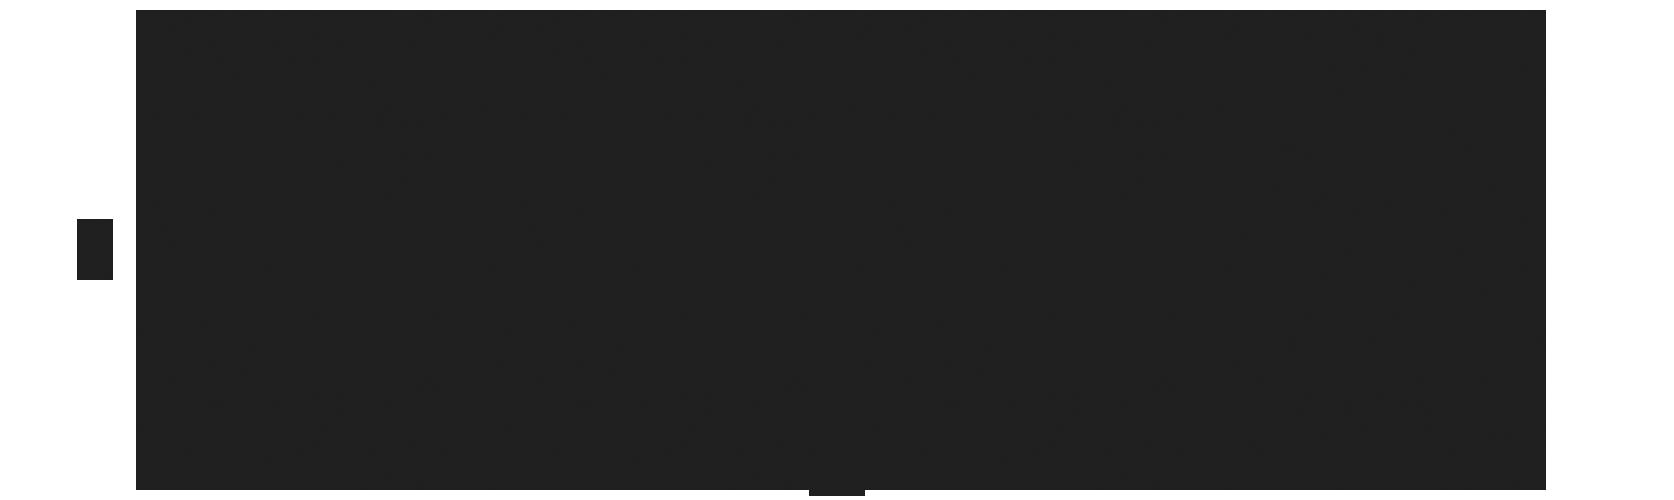 Shure MOTIV™ MV51 Micrófono digital de condensador de gran diafragma Imagen de la curva de la respuesta en frecuencia